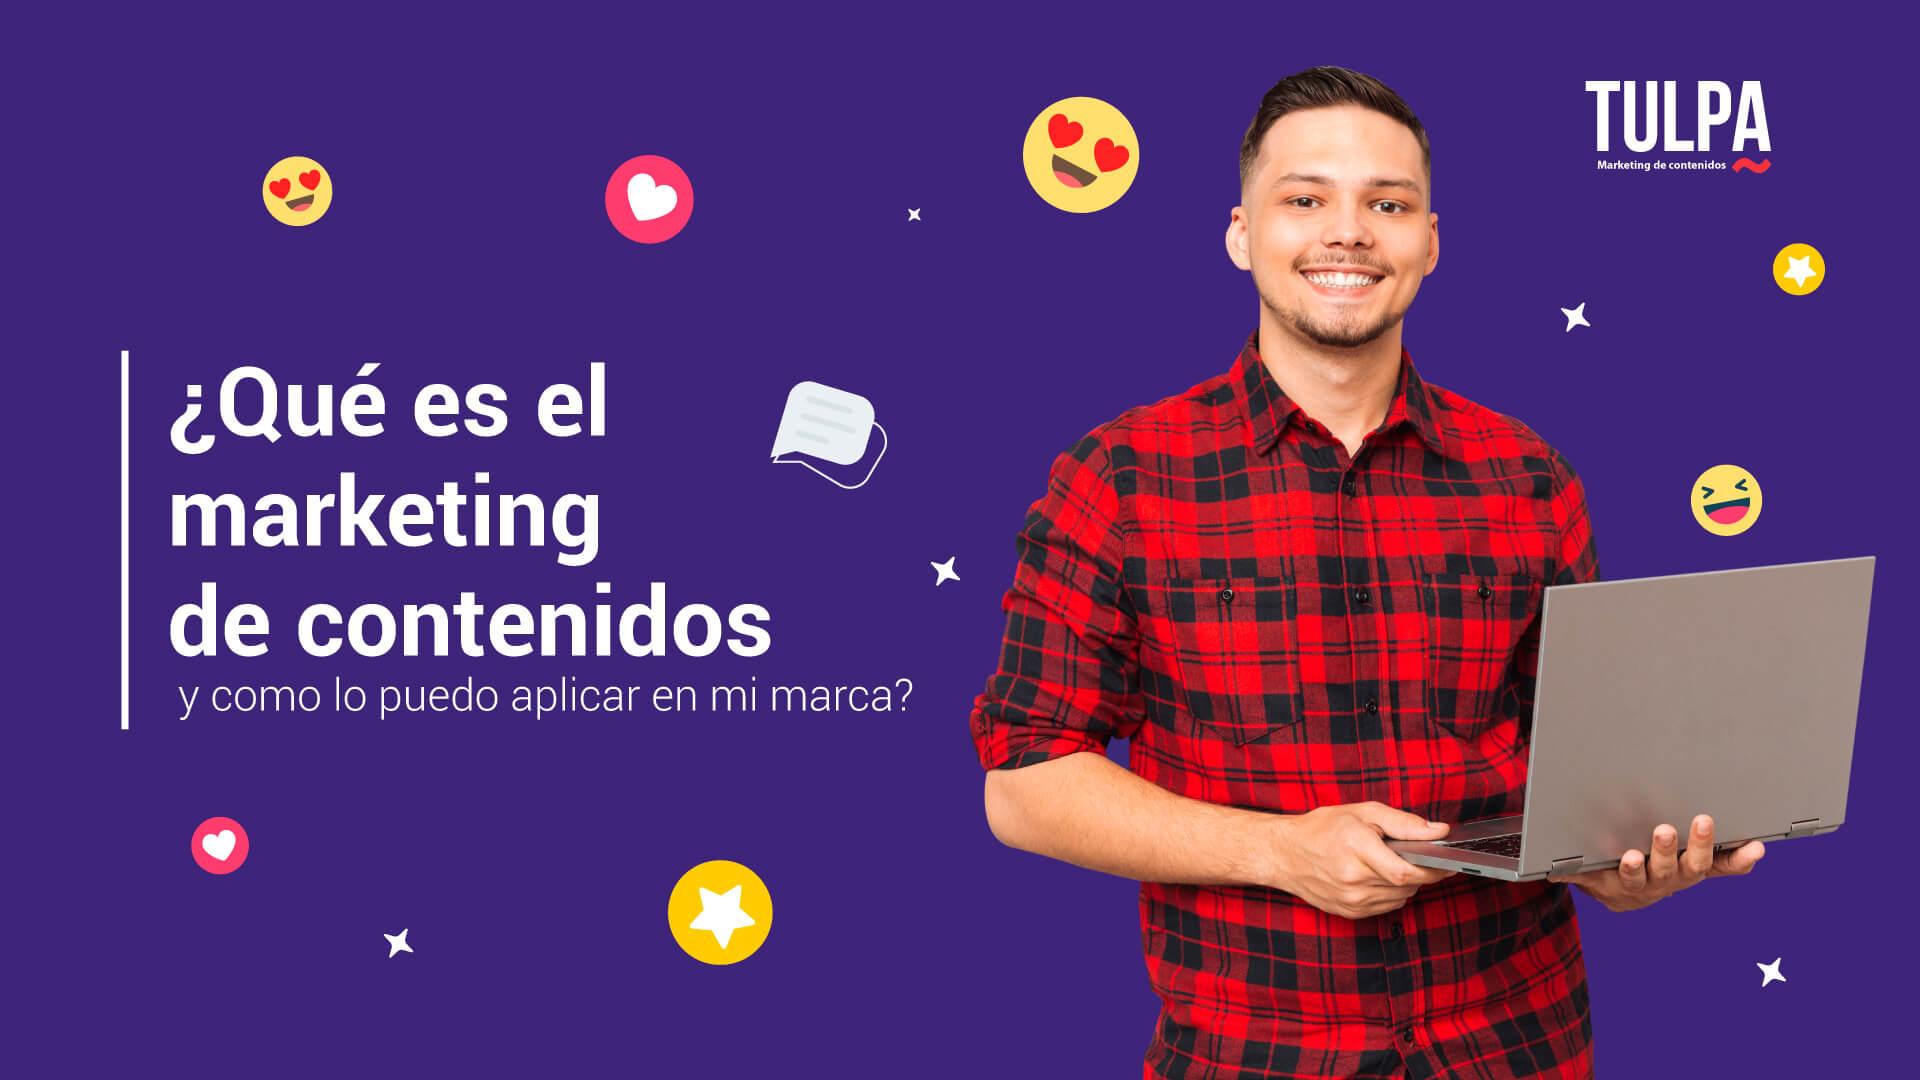 ¿Qué es el marketing de contenidos y como lo puedo aplicar en mi marca?